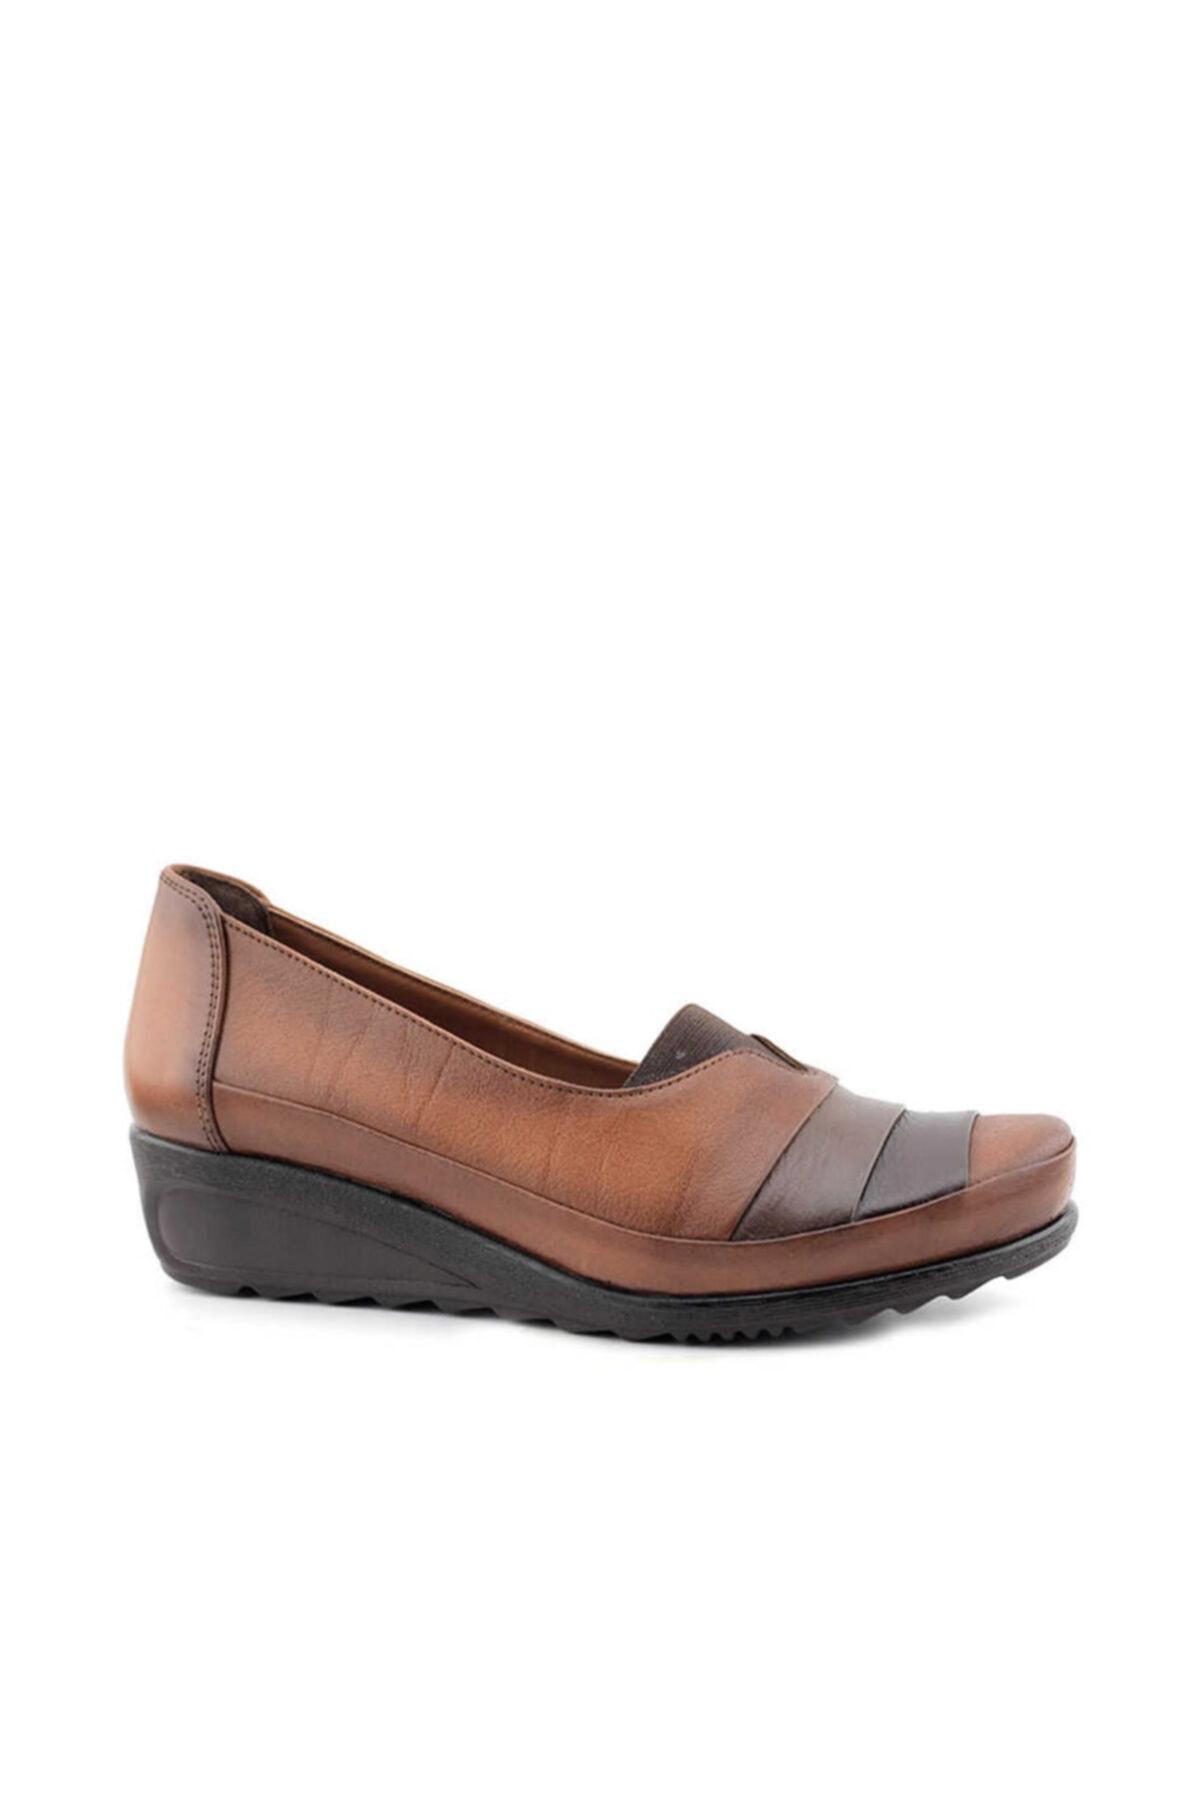 Beta Shoes Hakiki Deri Kadın Günlük Ayakkabı Taba 1